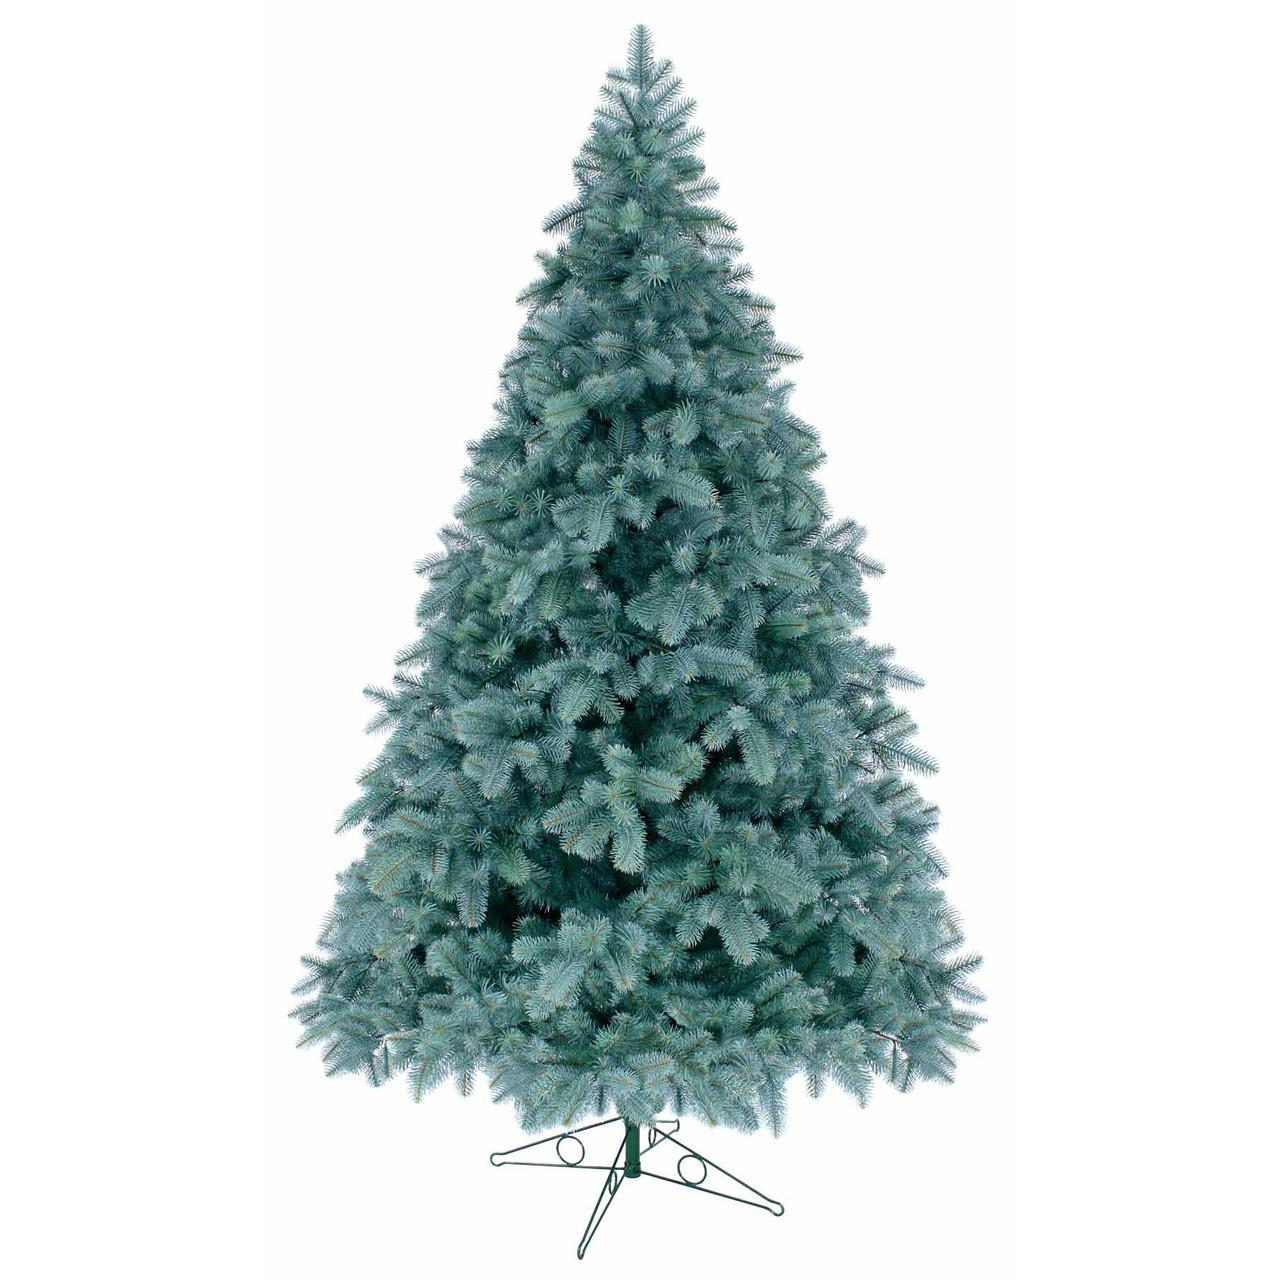 Литая искусственная елка 1,5 метра голубая ель